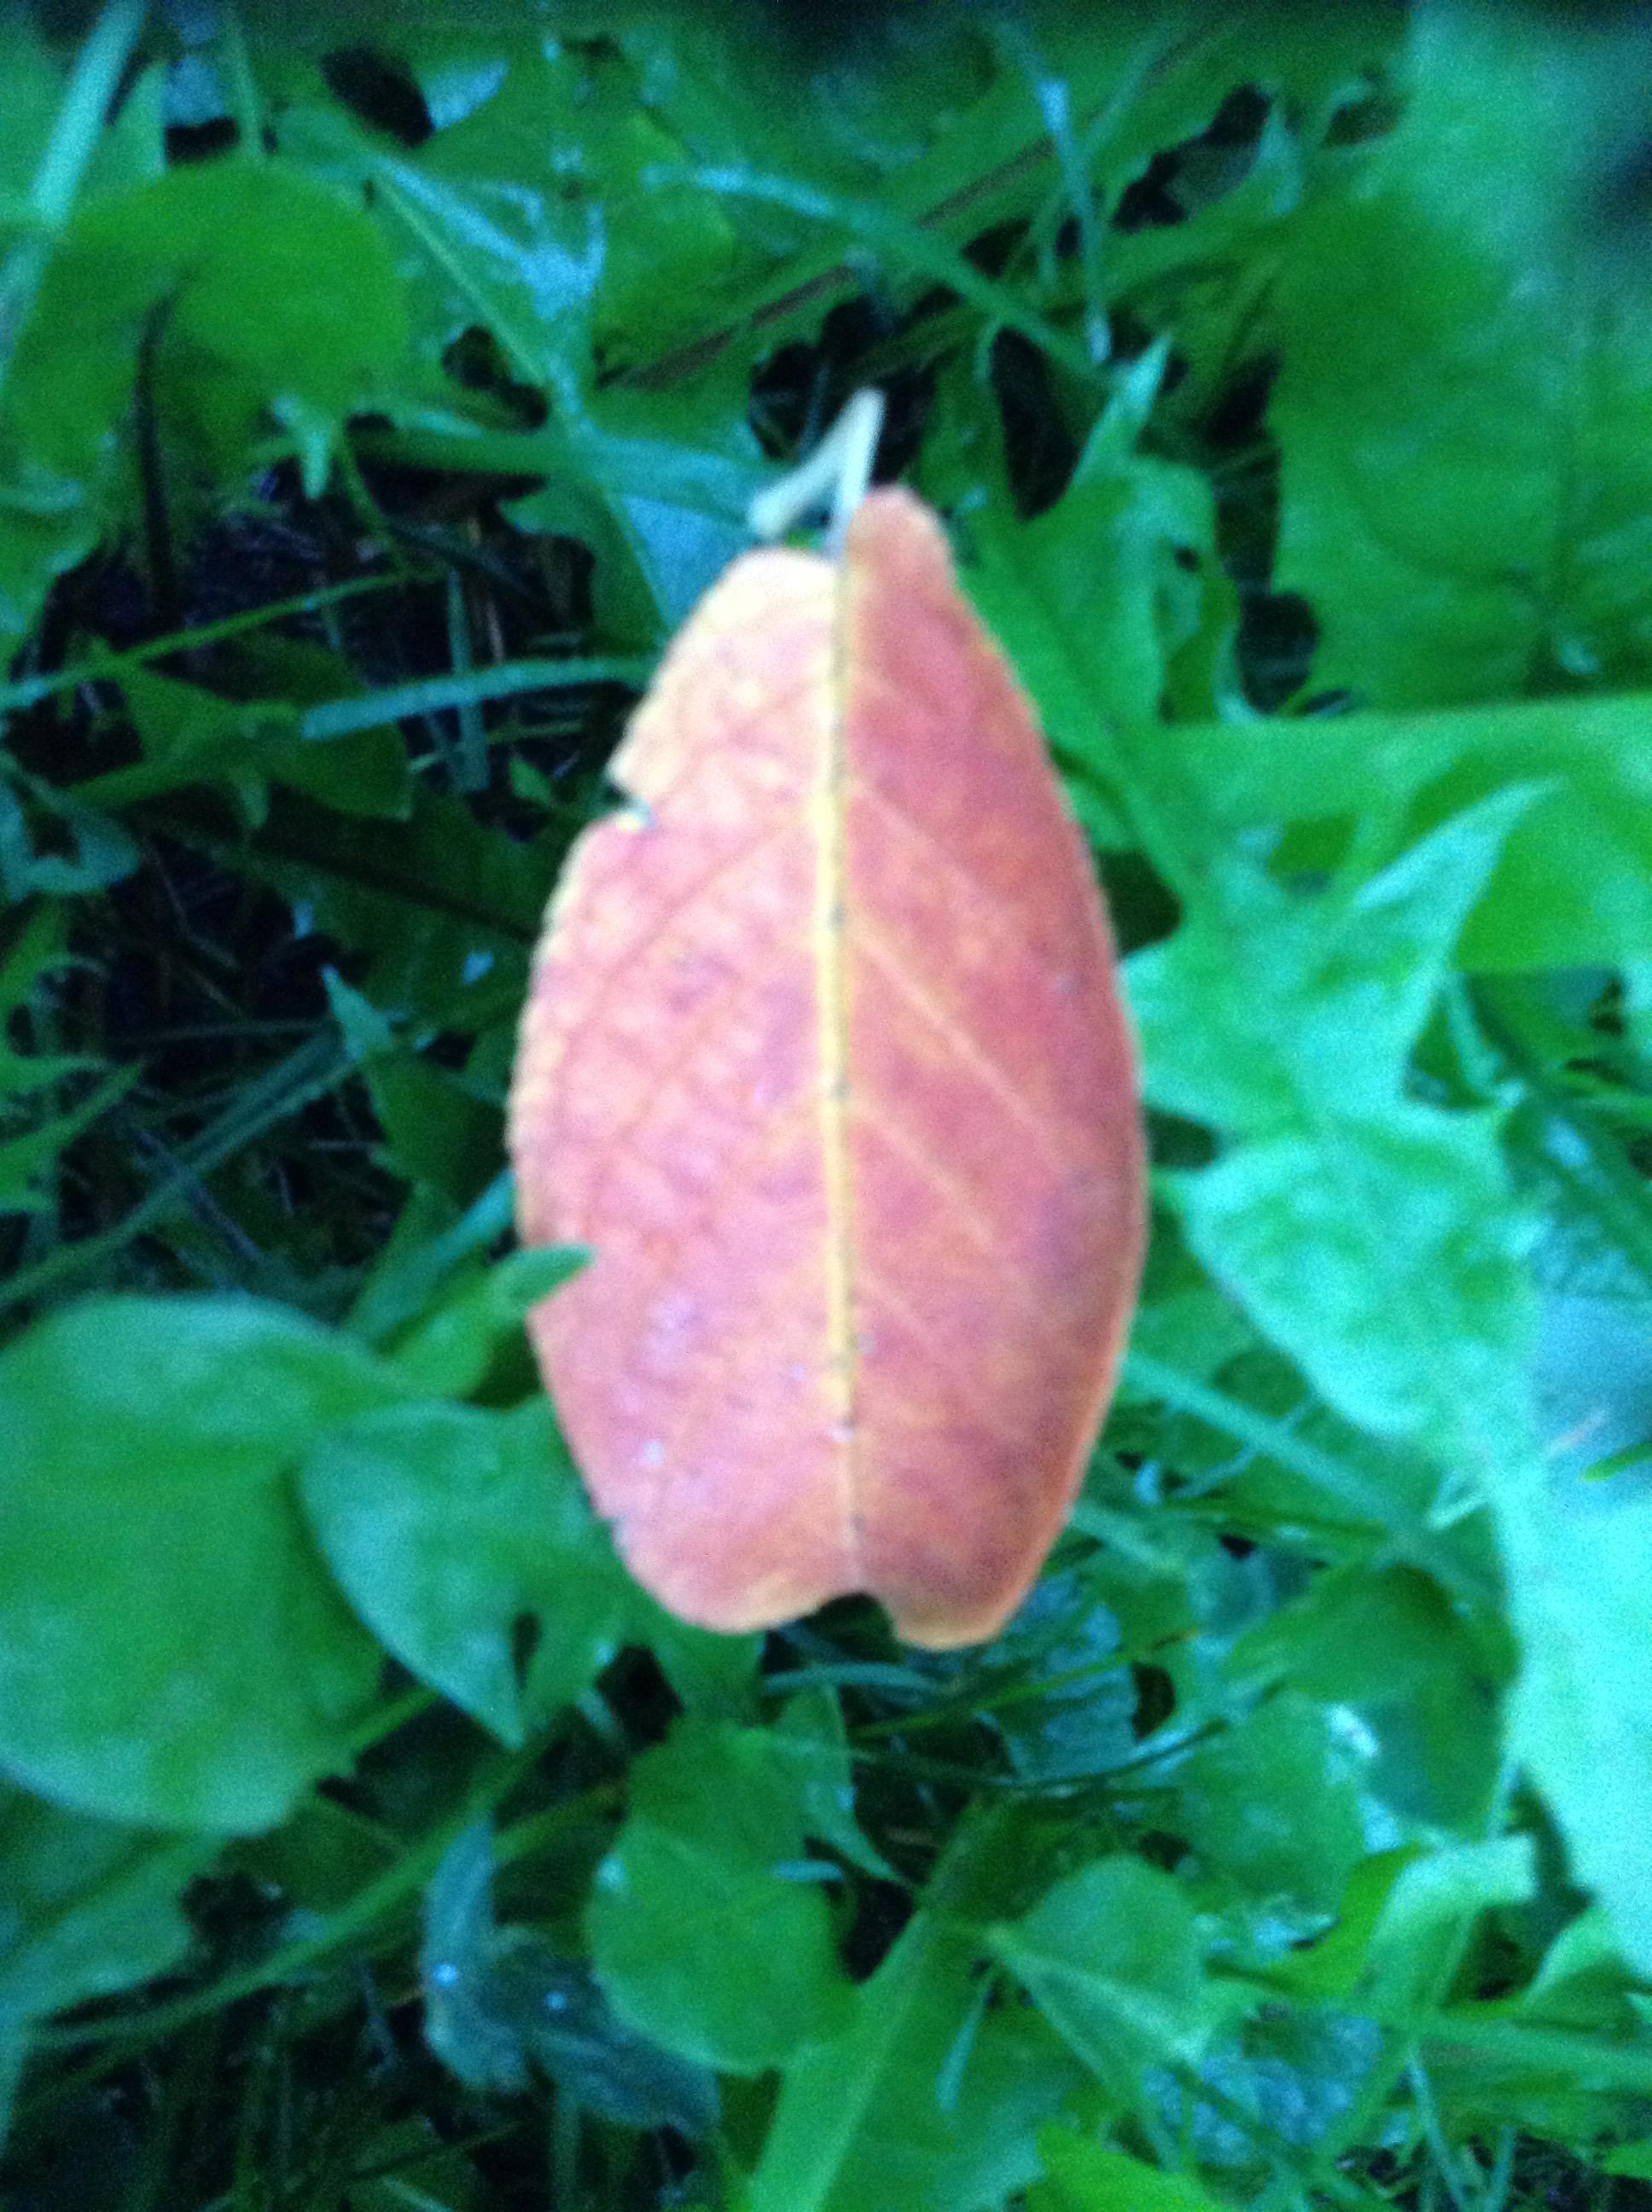 Cool leaf early fall